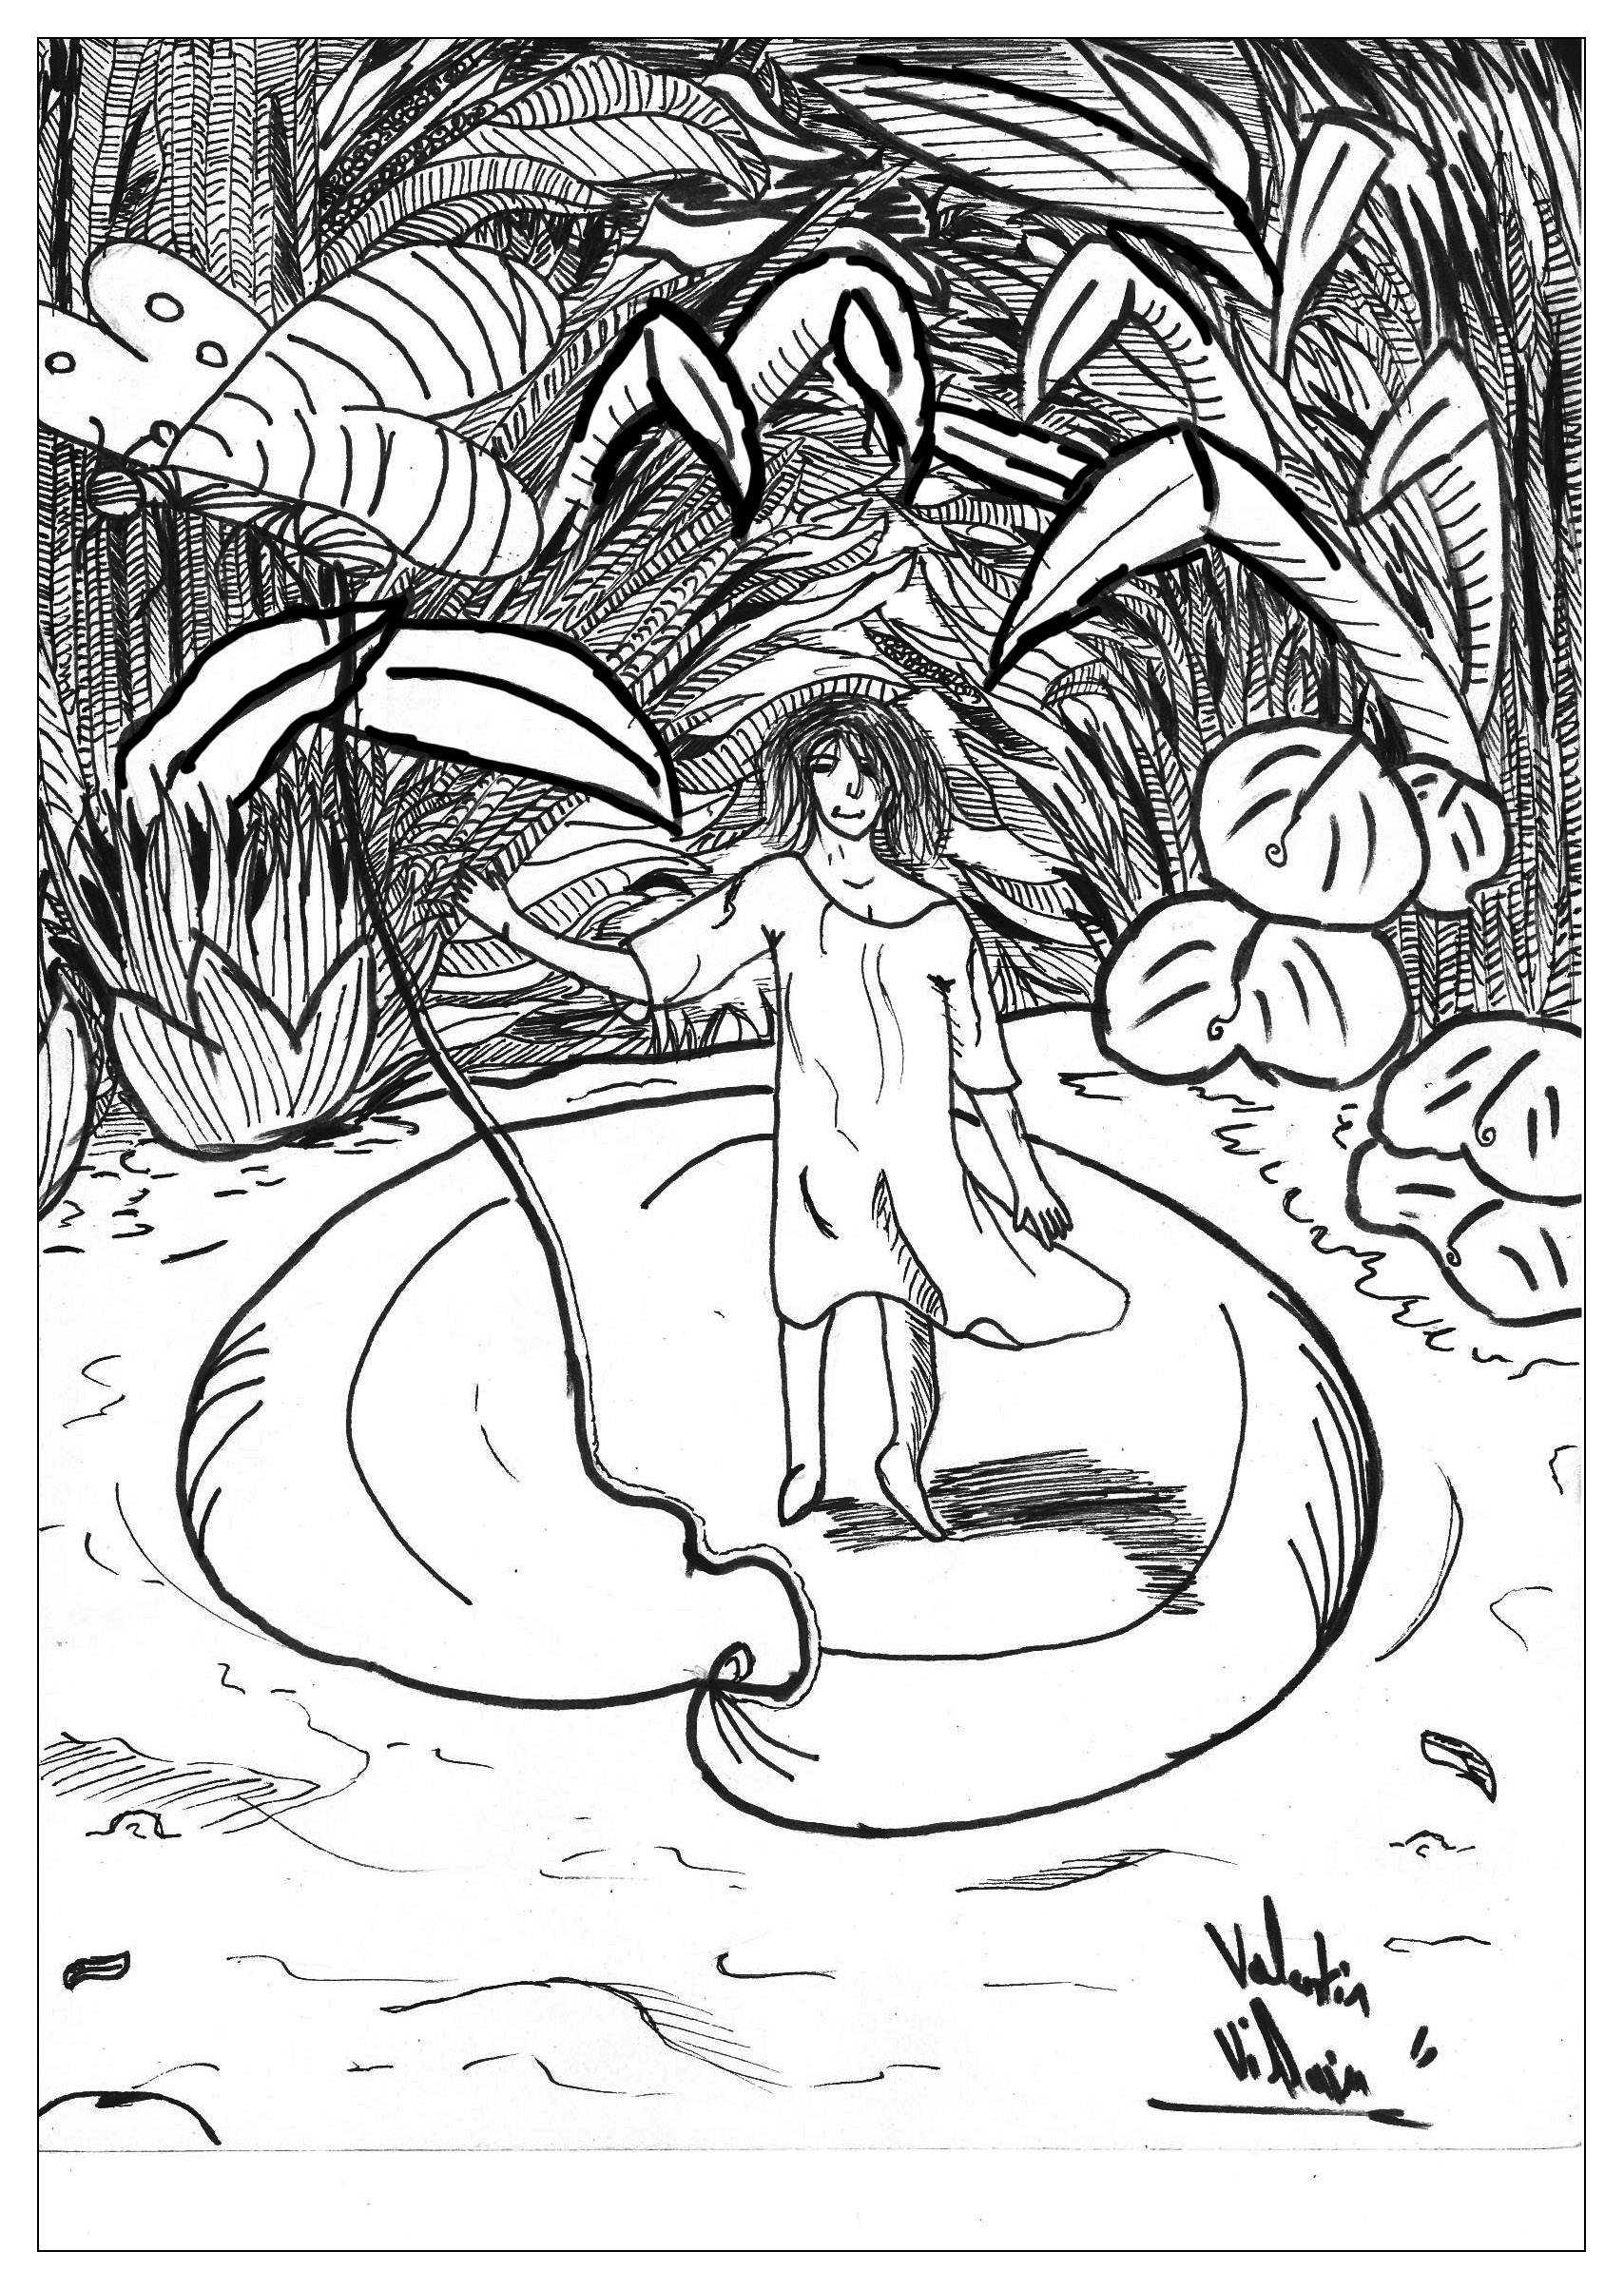 Colorear para adultos : Fairy tales - 12